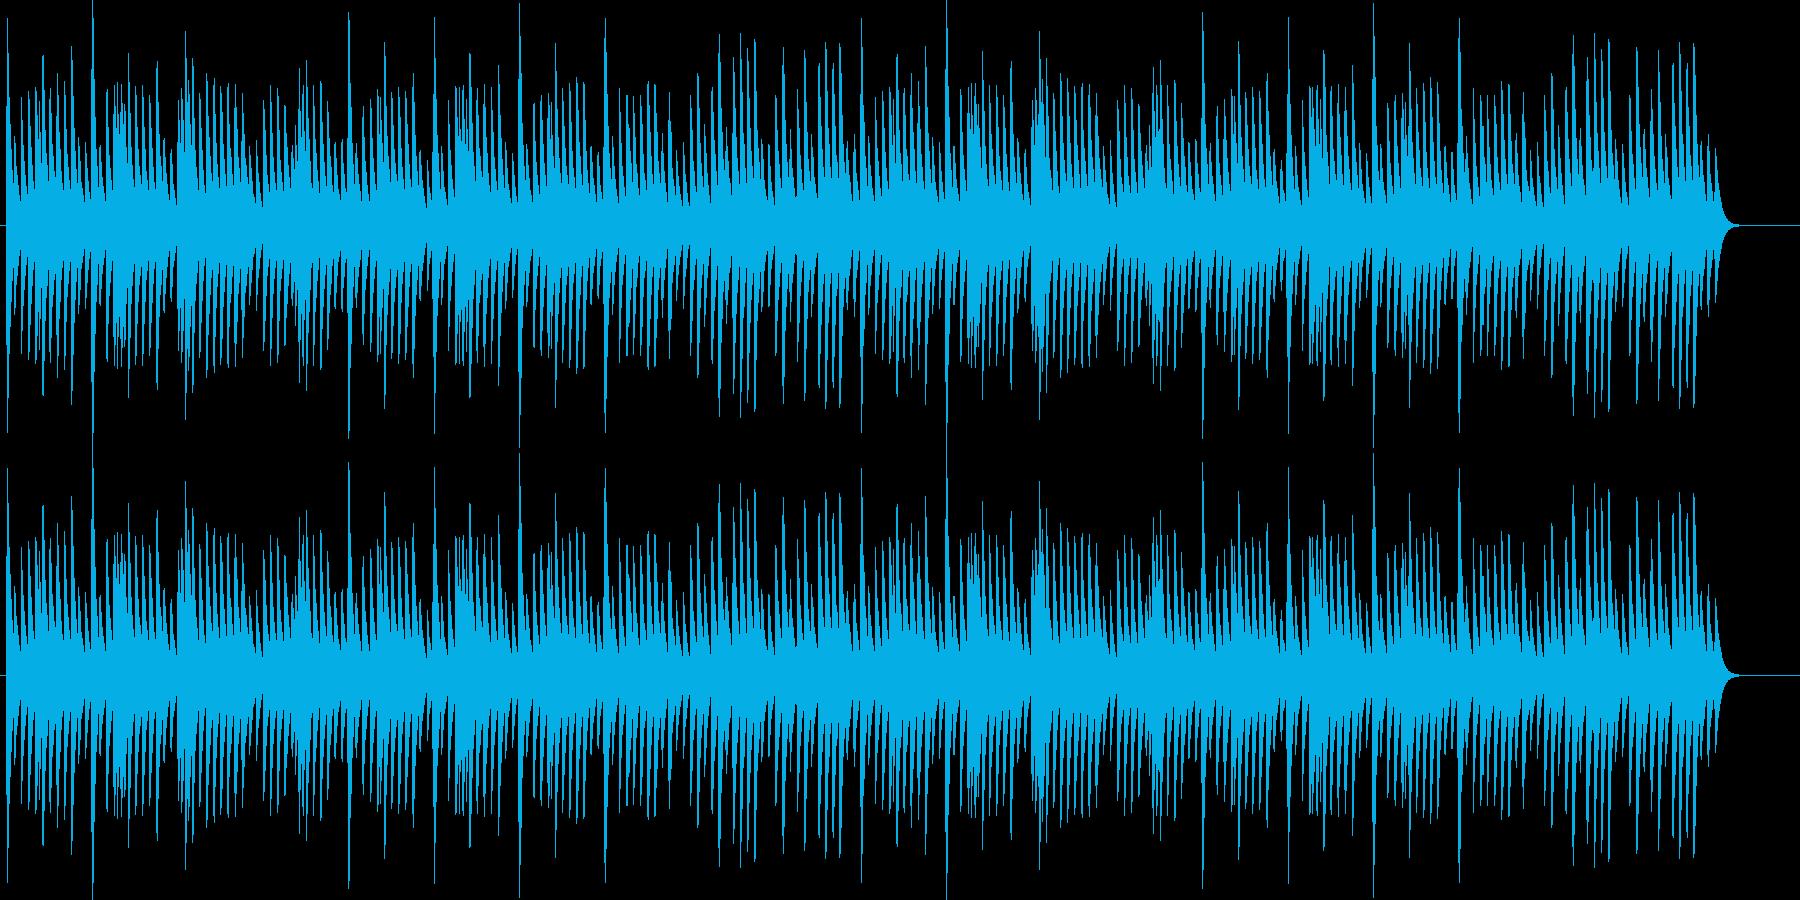 オルゴール・リラックス・癒し・思い出の再生済みの波形